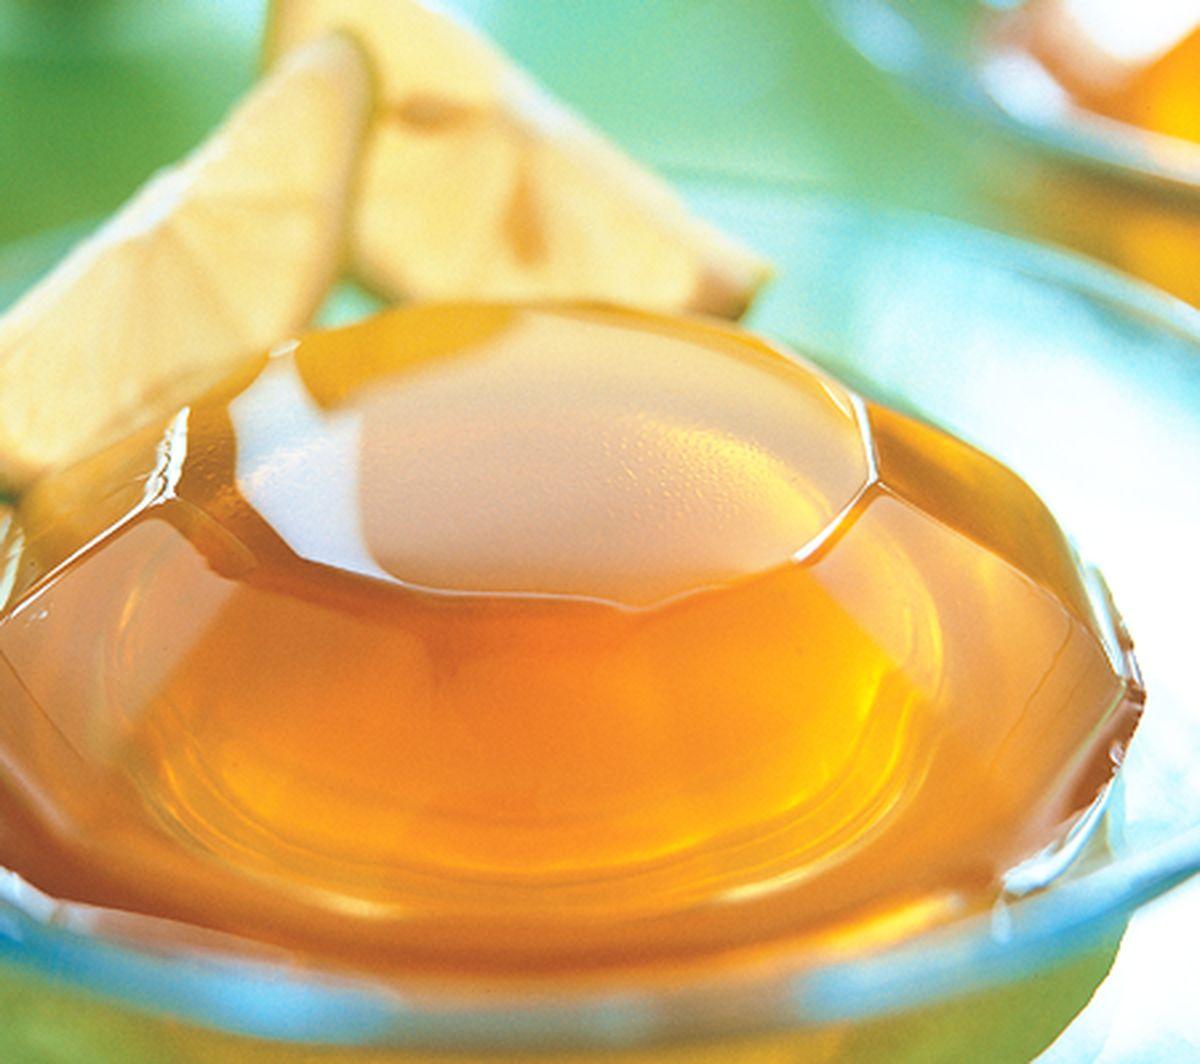 食譜:檸檬果醋涼凍